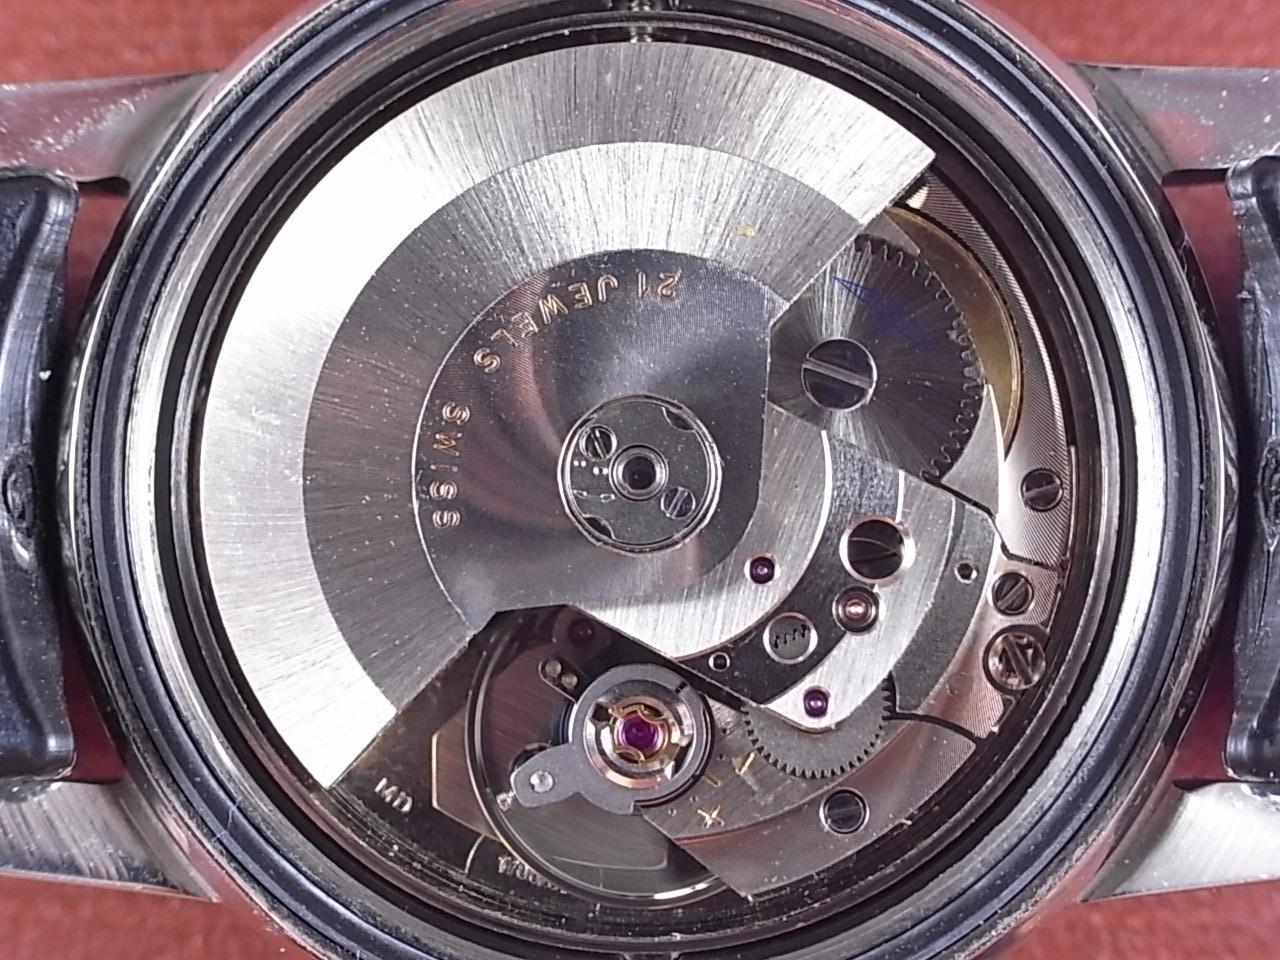 ロータリー アクアプランジ ダイバーズ トロピックオリジナルベルト 1960年代の写真5枚目